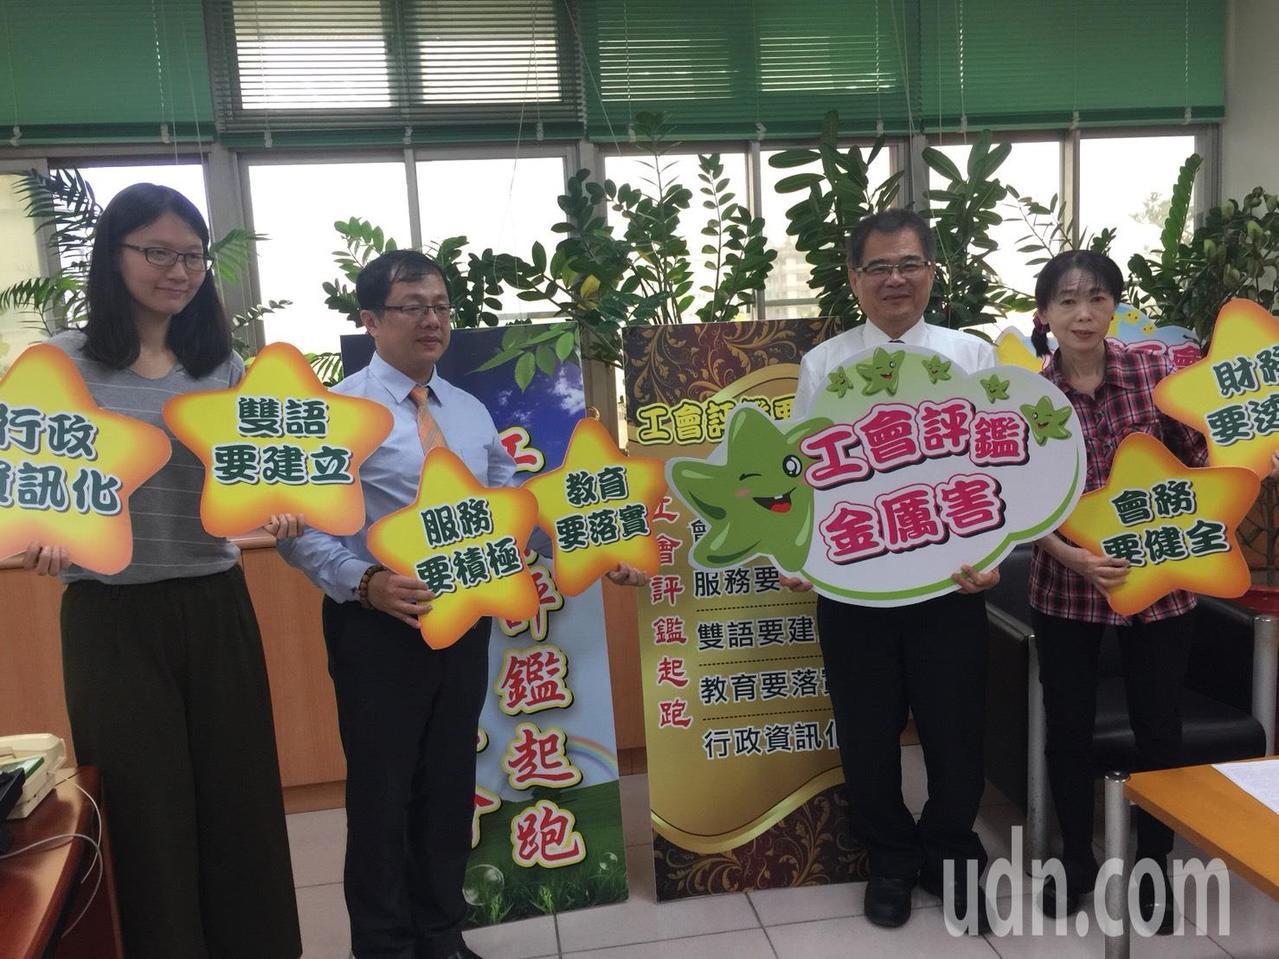 台南市政府勞工局每年對工會做評鑑。記者吳政修/攝影